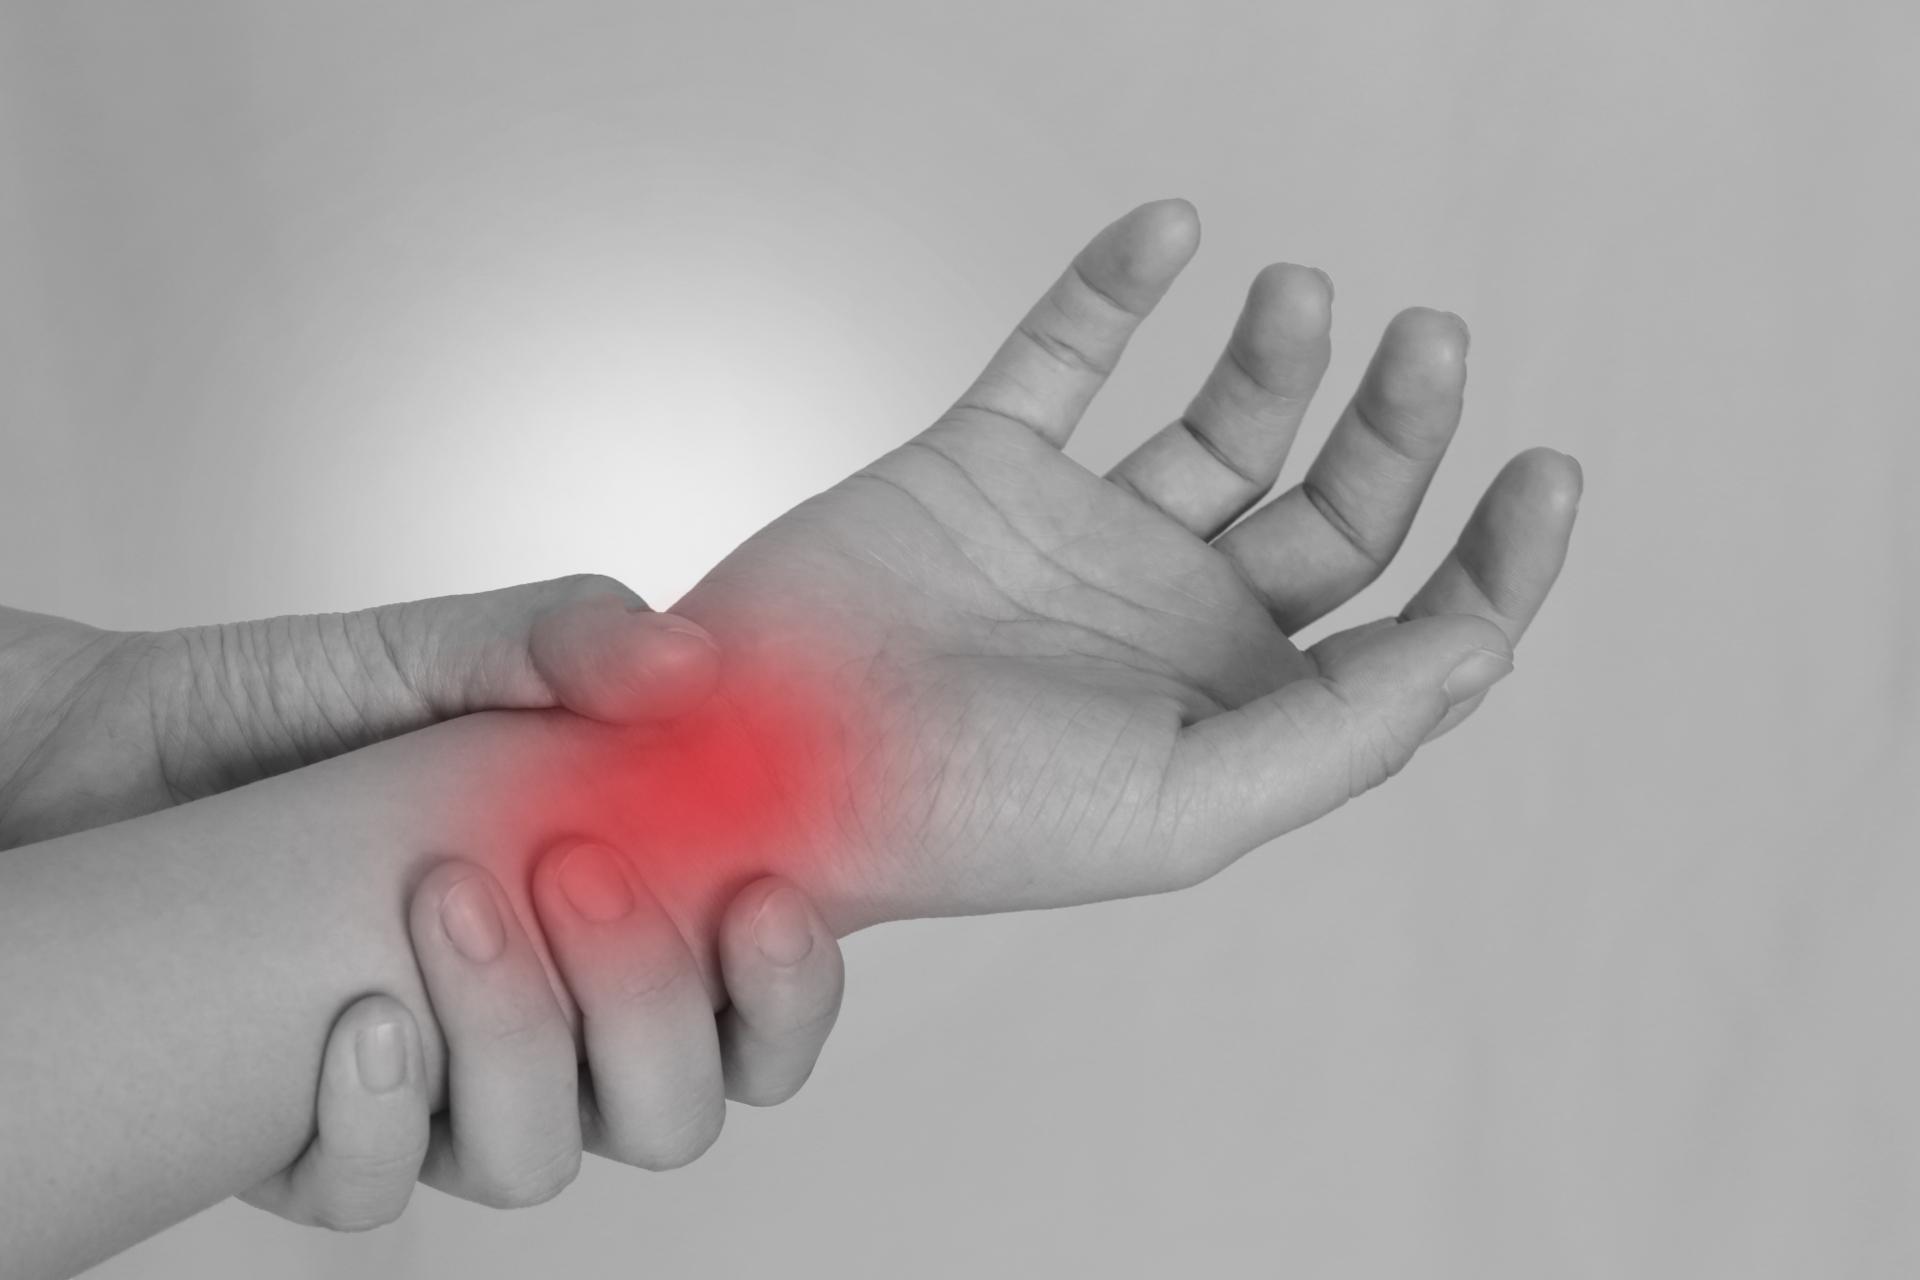 Cenbless 成増フェイシャル&ネイルサロン ドケルバン病を患っています